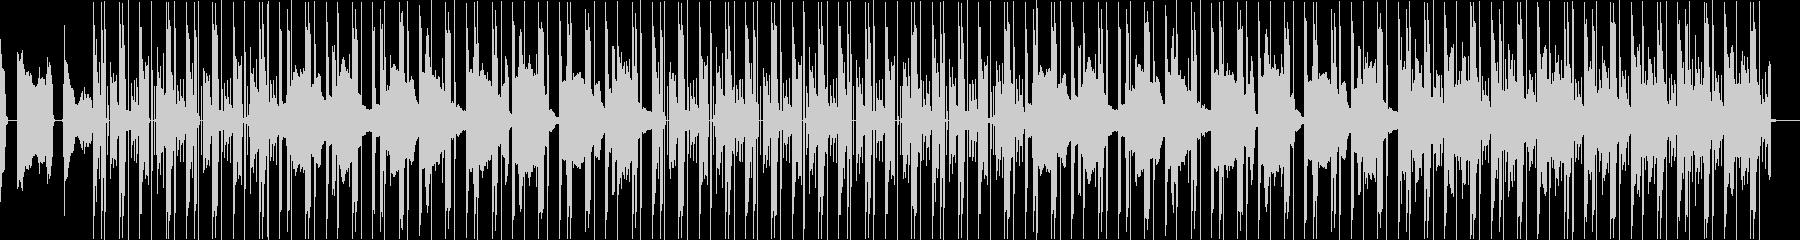 エレキギター・VLOG・リラックス・チルの未再生の波形